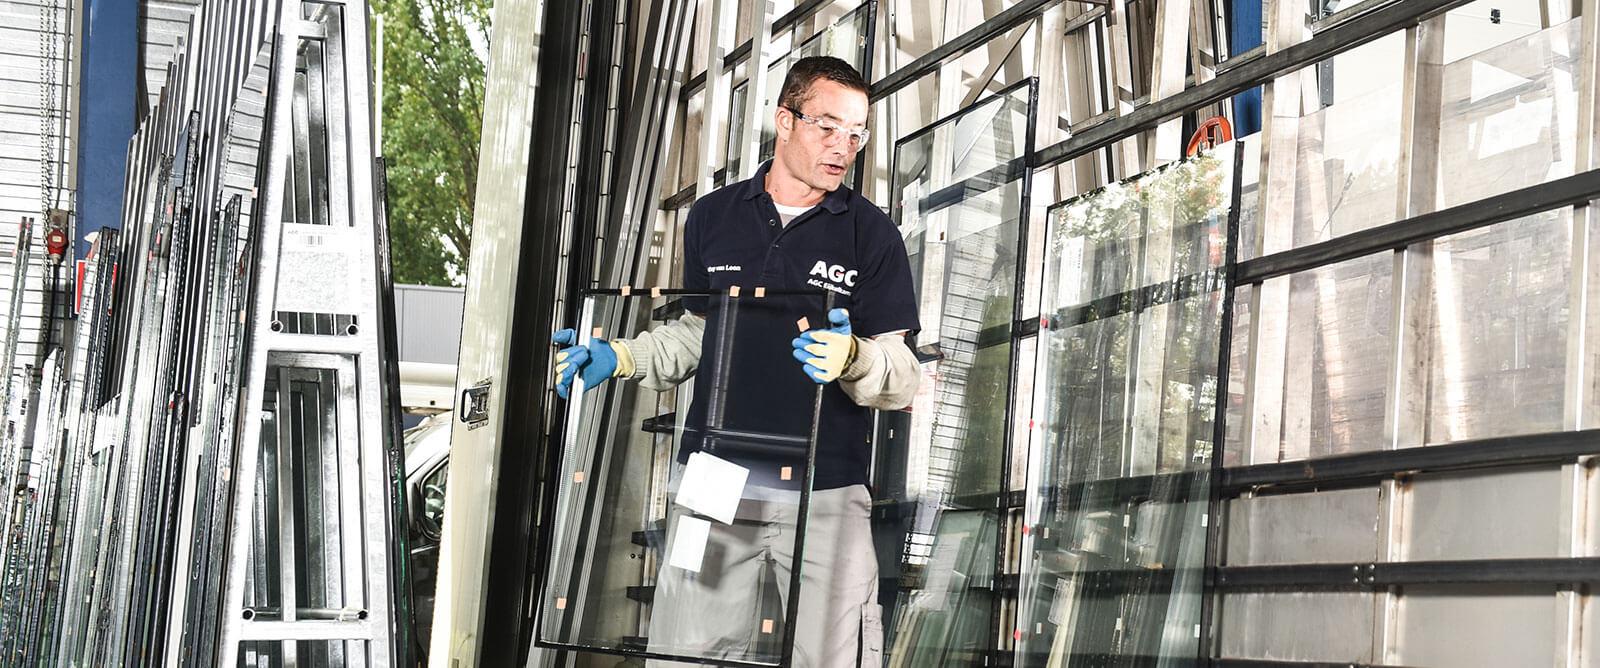 AGC Nederland - De voordelen van isolerende beglazing uitgelegd